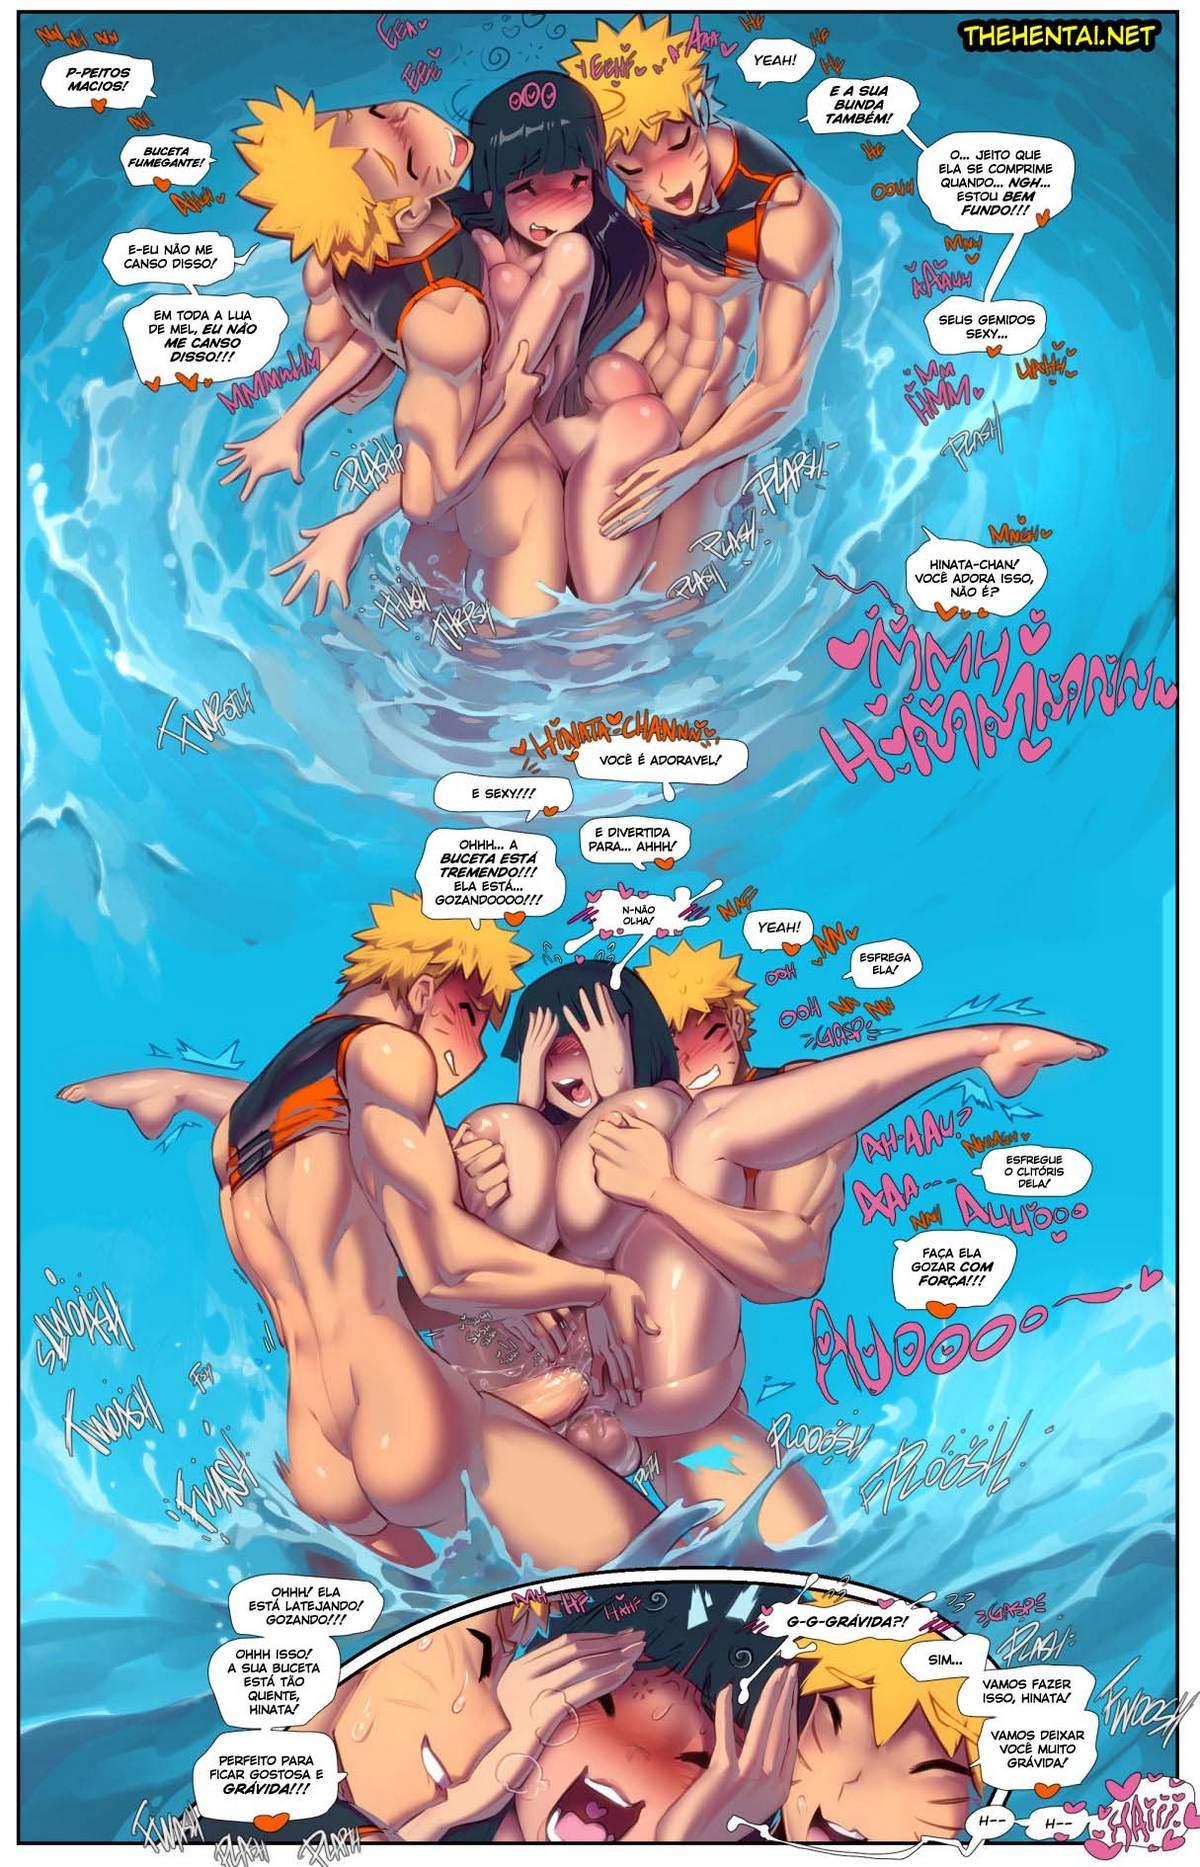 Hot Spring Hentai pt br 08 - hentai, exclusiva, comics-hq